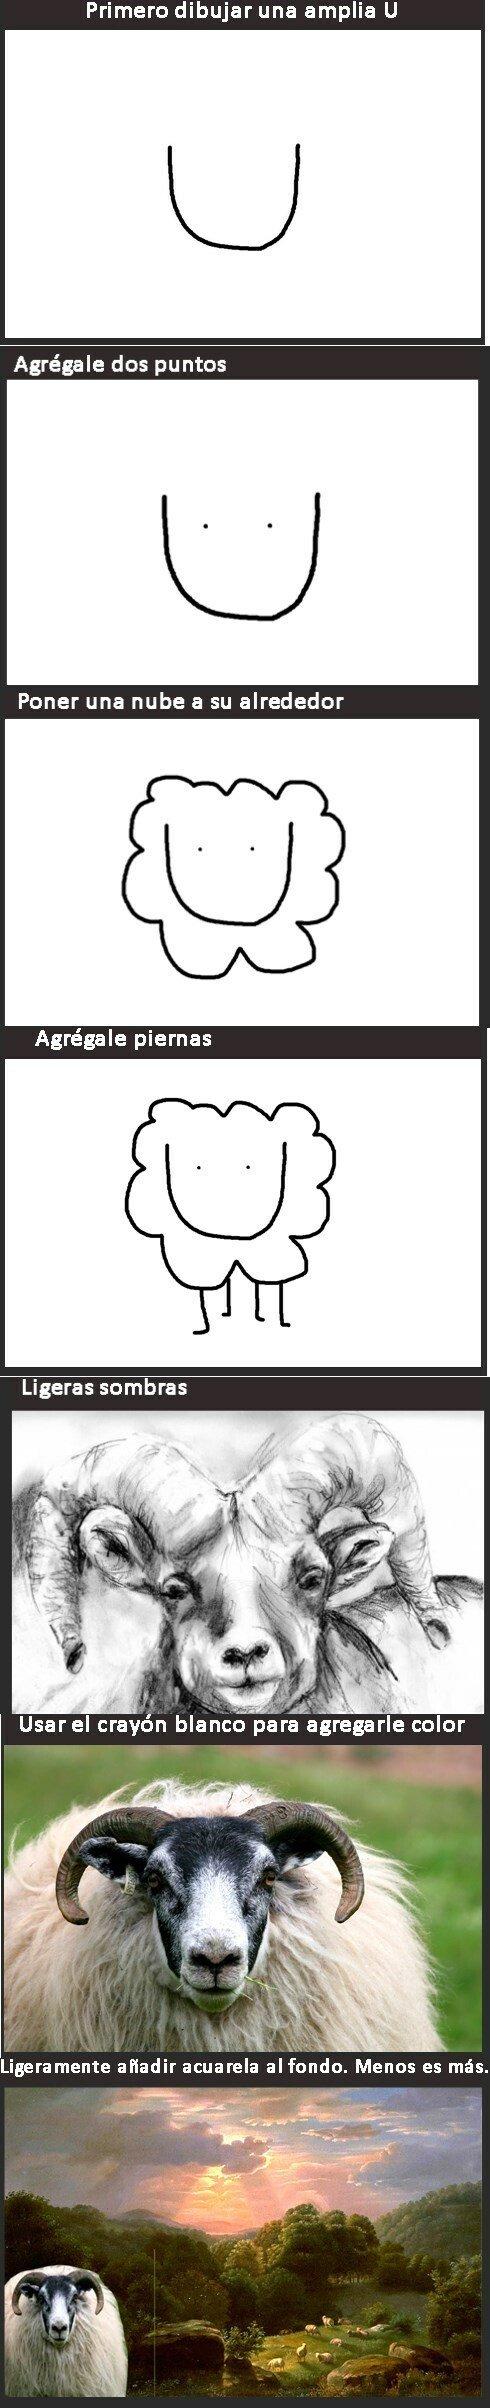 Meme_otros - Una pequeña clase para aprender a dibujar fácilmente